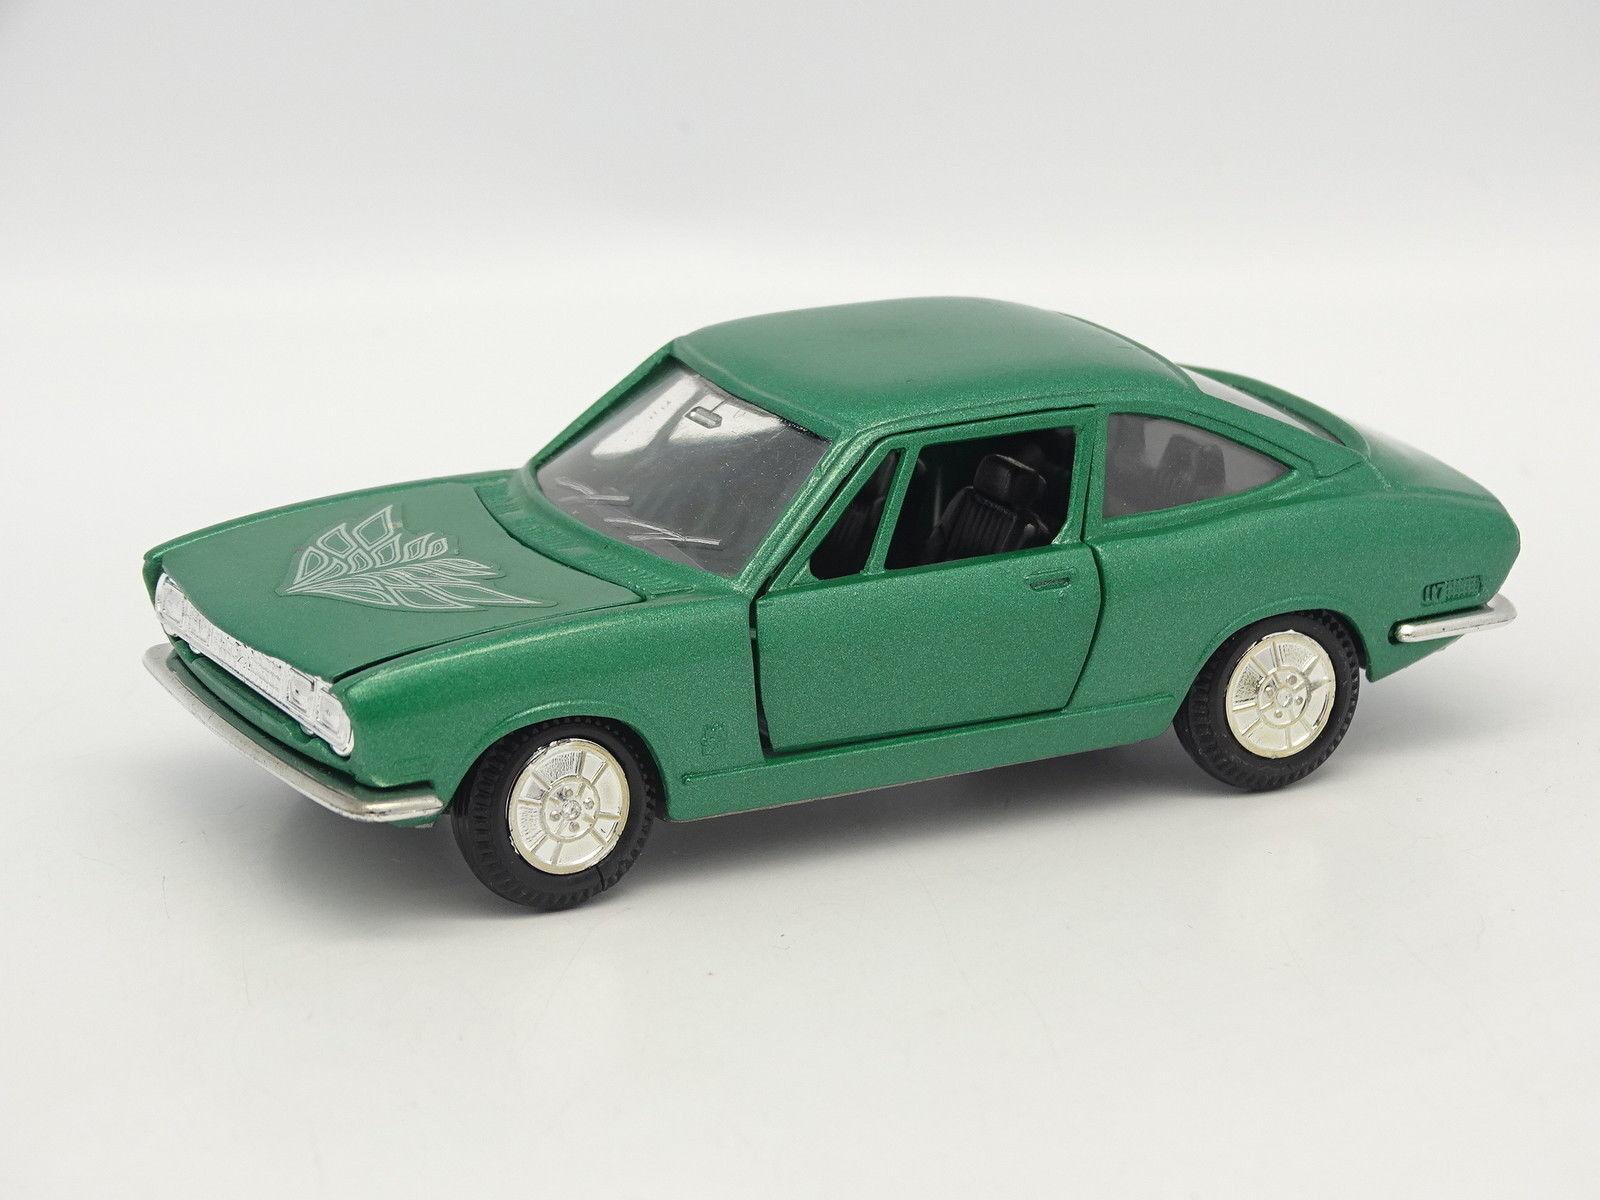 Yonezawa Diapet SB 1 43 - Isuzu 117 Coupe Green